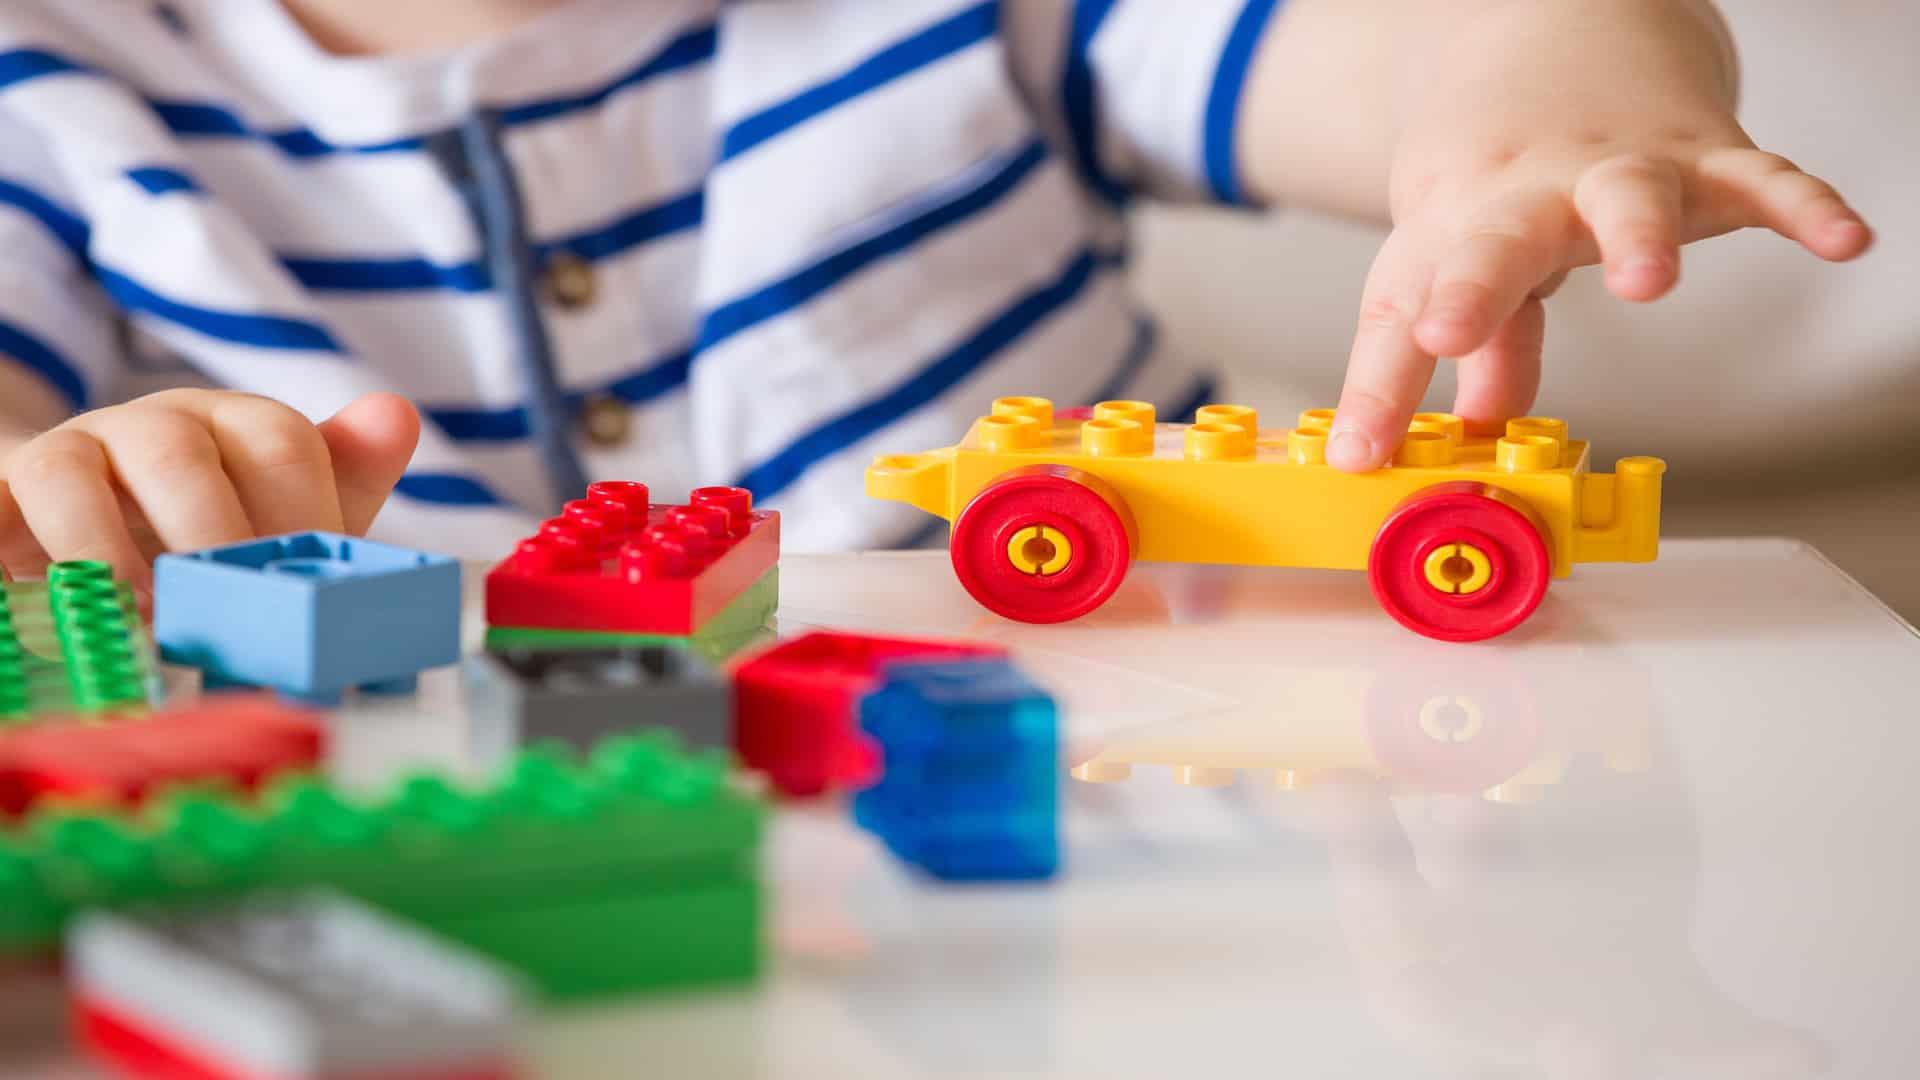 Miglior set LEGO 2020: Guida all'acquisto